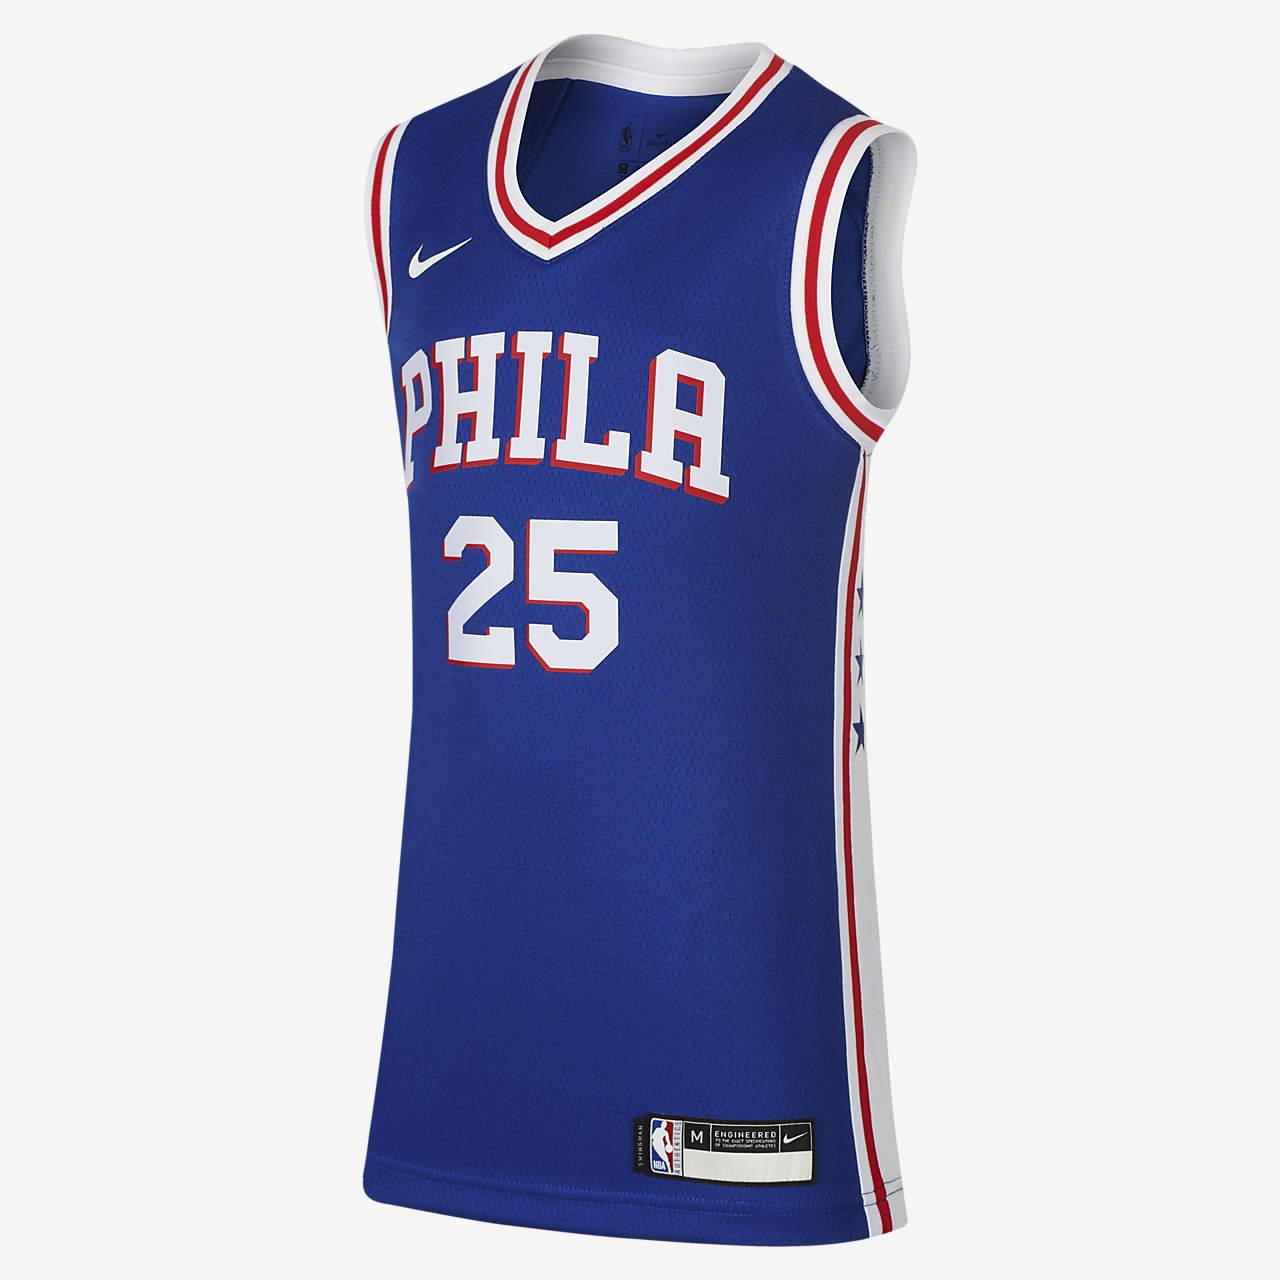 Icon Edition Swingman Jersey (Philadelphia 76ers) Camiseta Nike de la NBA - Niño/a